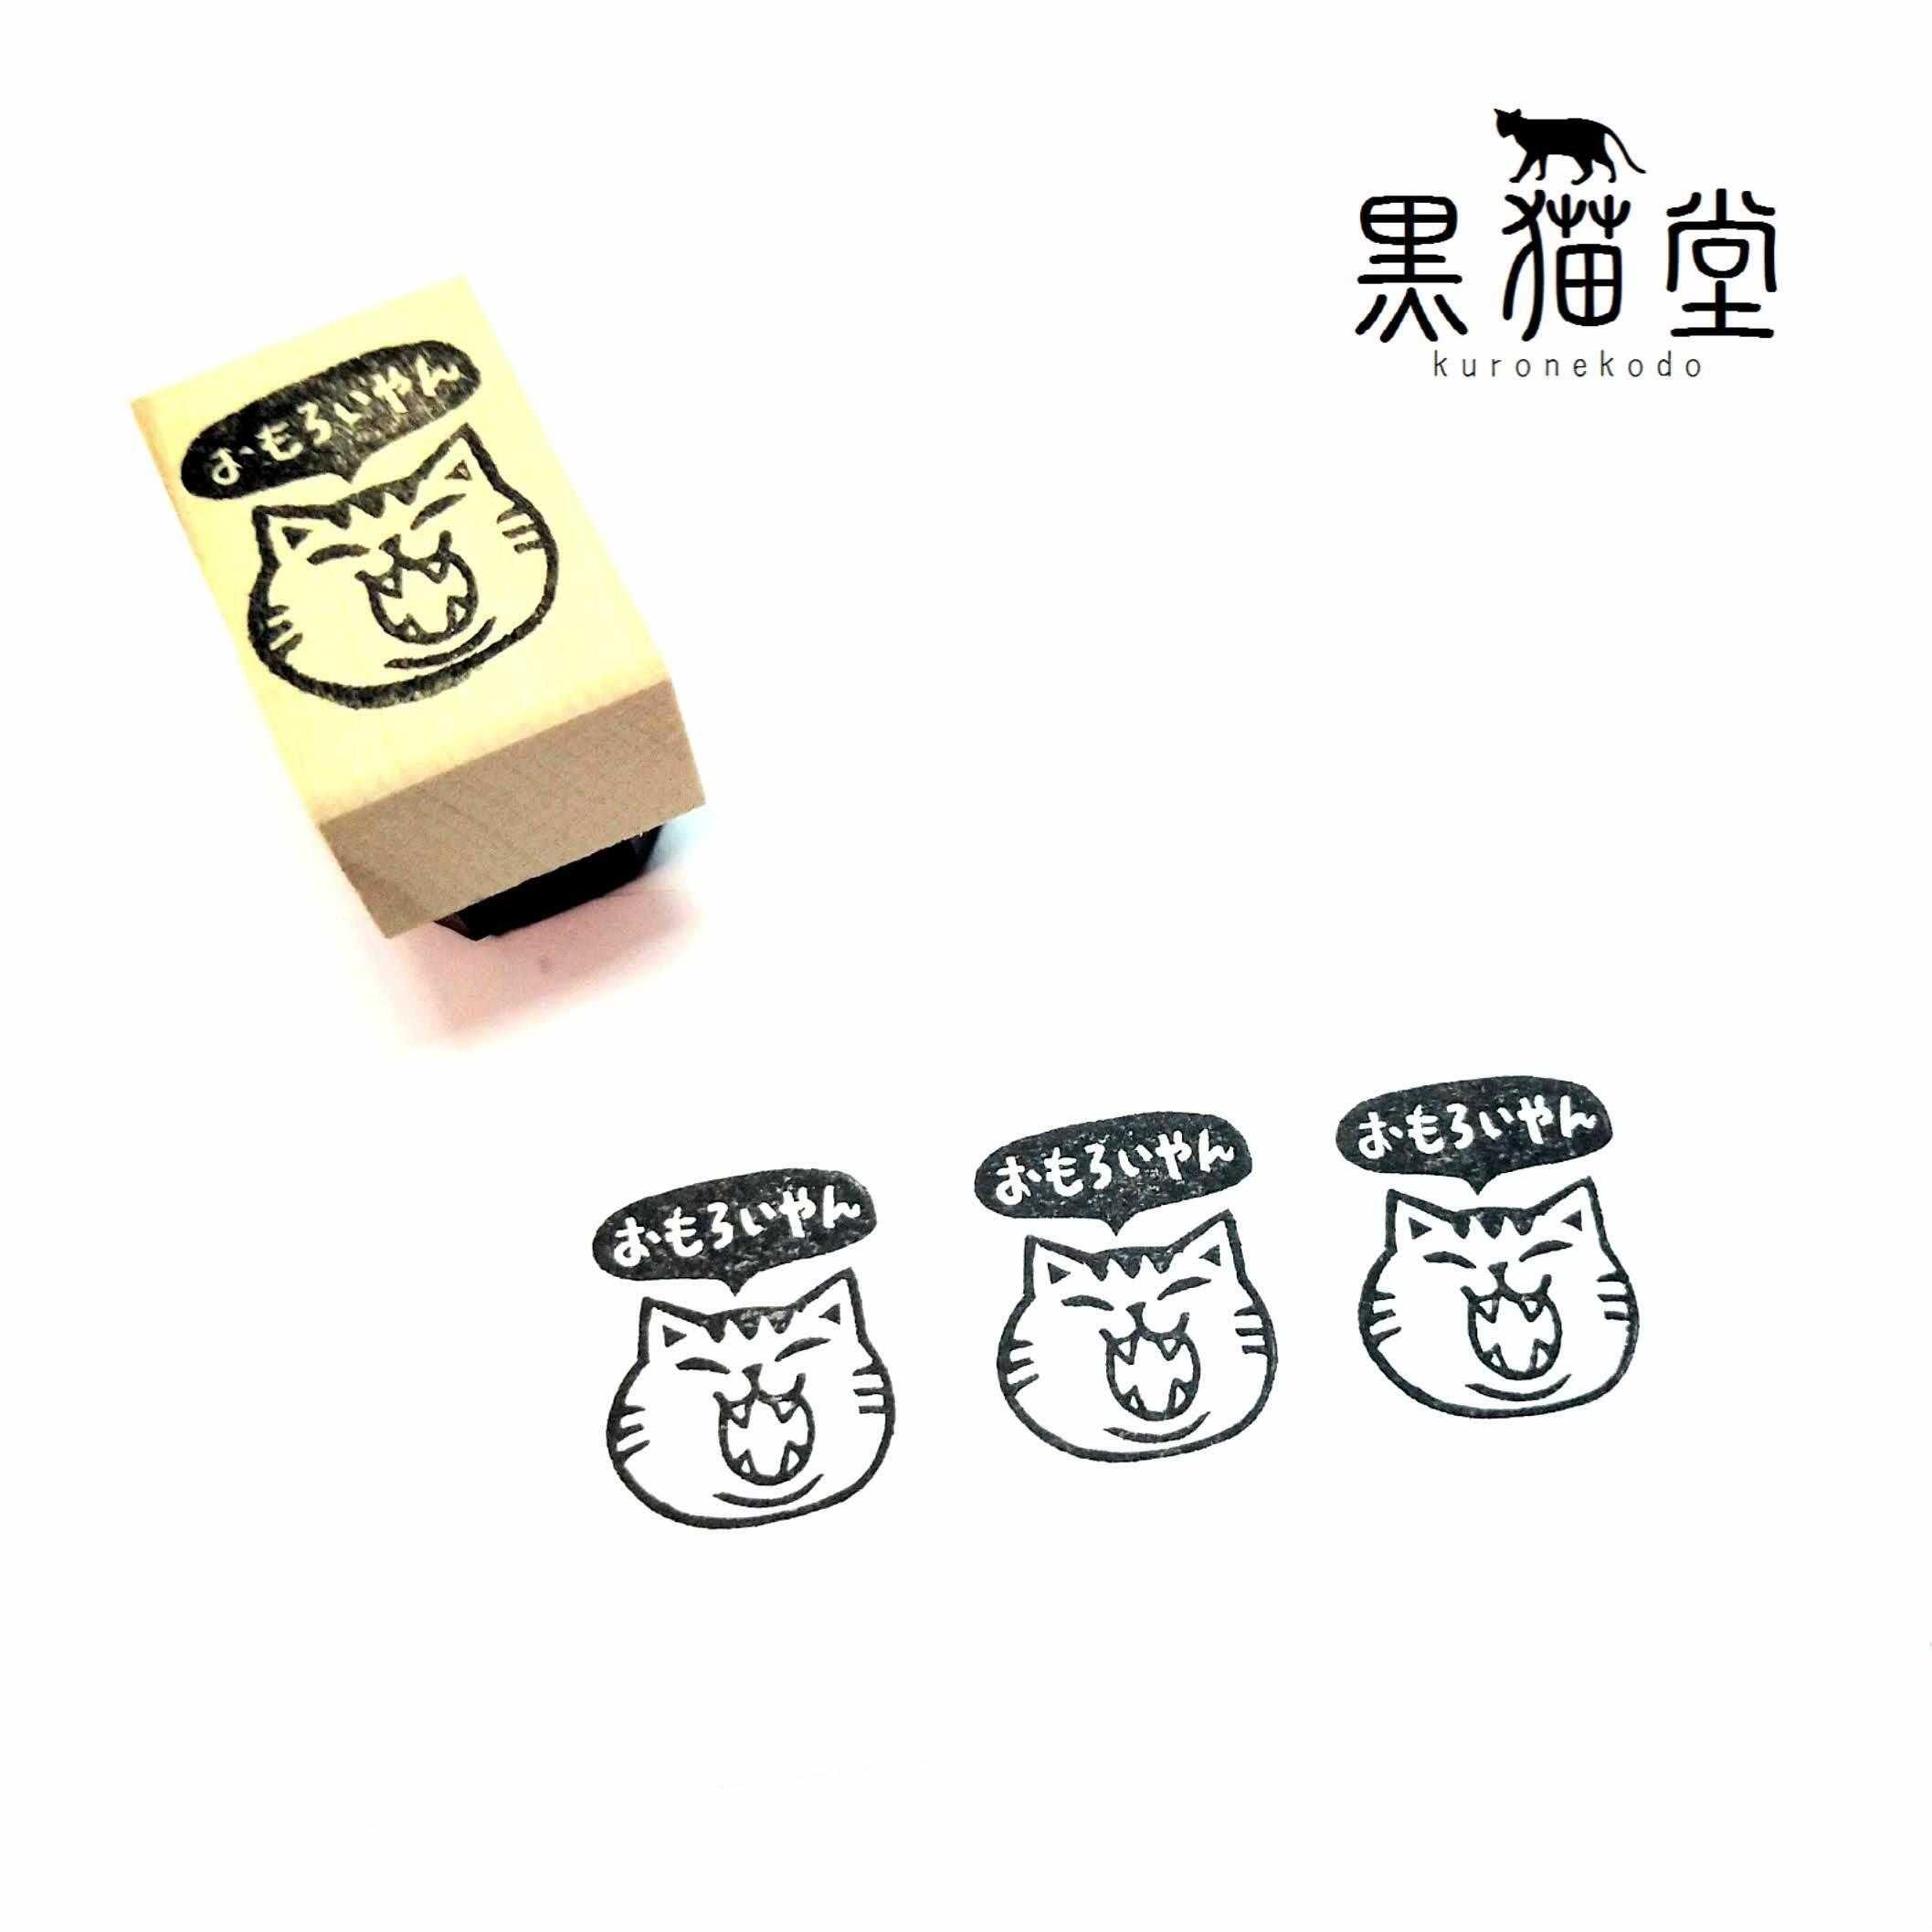 関西弁ネコ「おもろいやん」